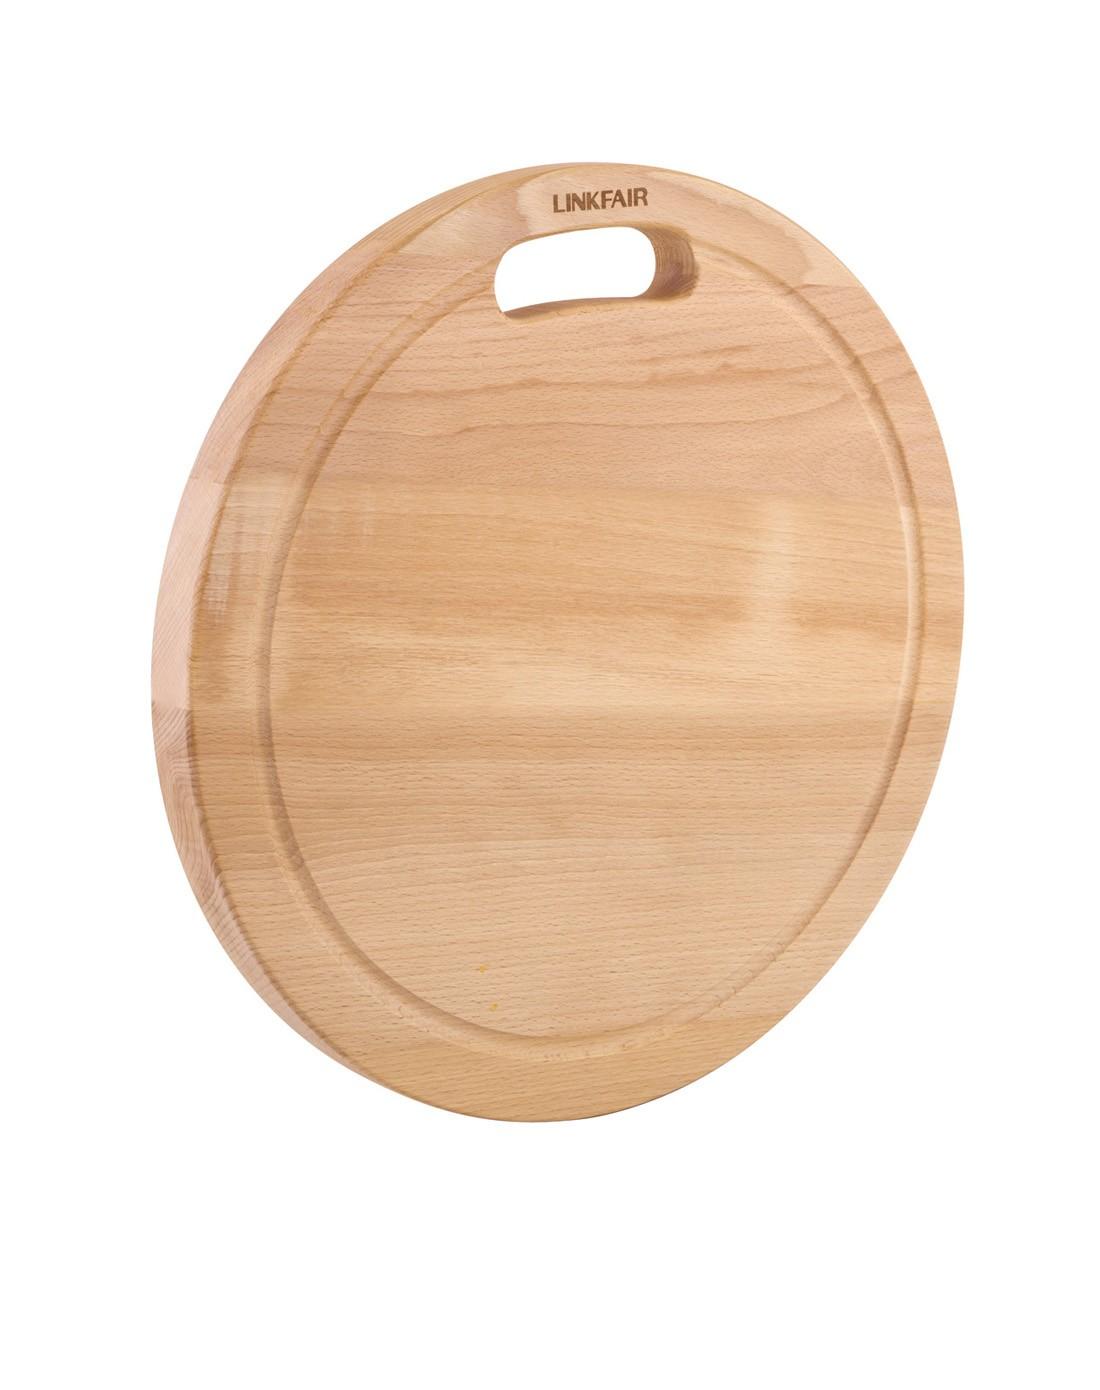 榉木材质,强韧耐摩擦,凌丰格伦圆菜板38*38cm